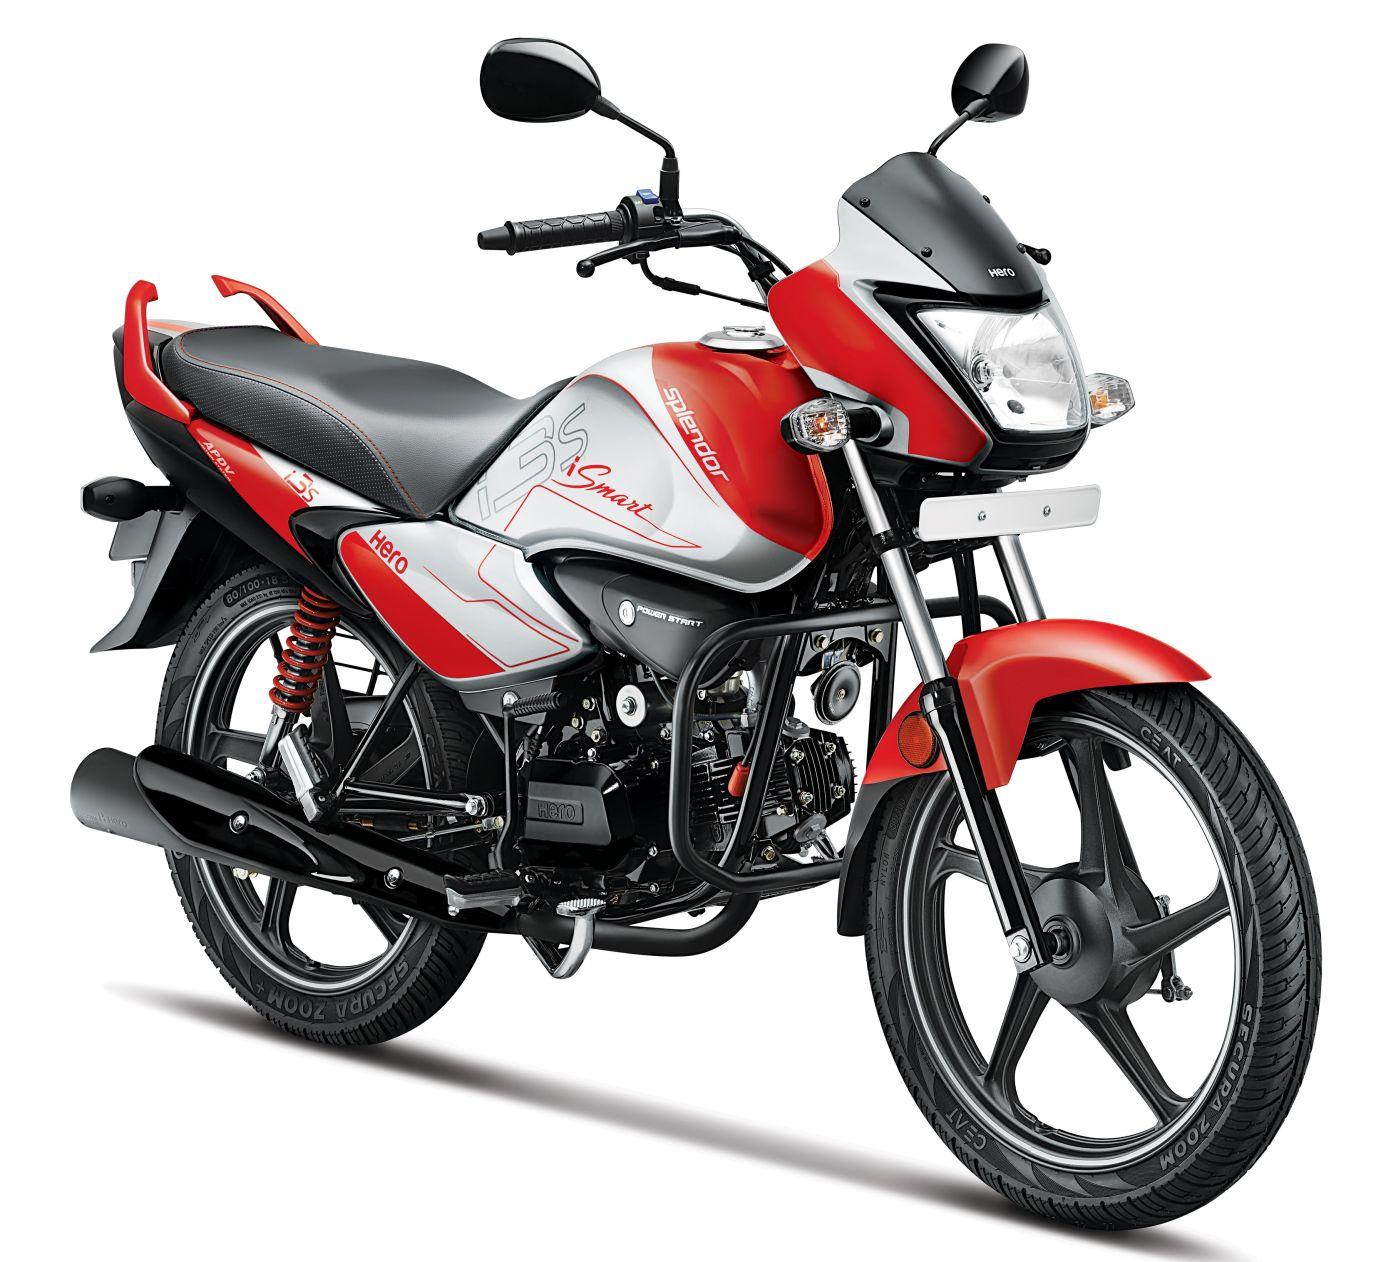 Hero ismart price in bangalore dating 10